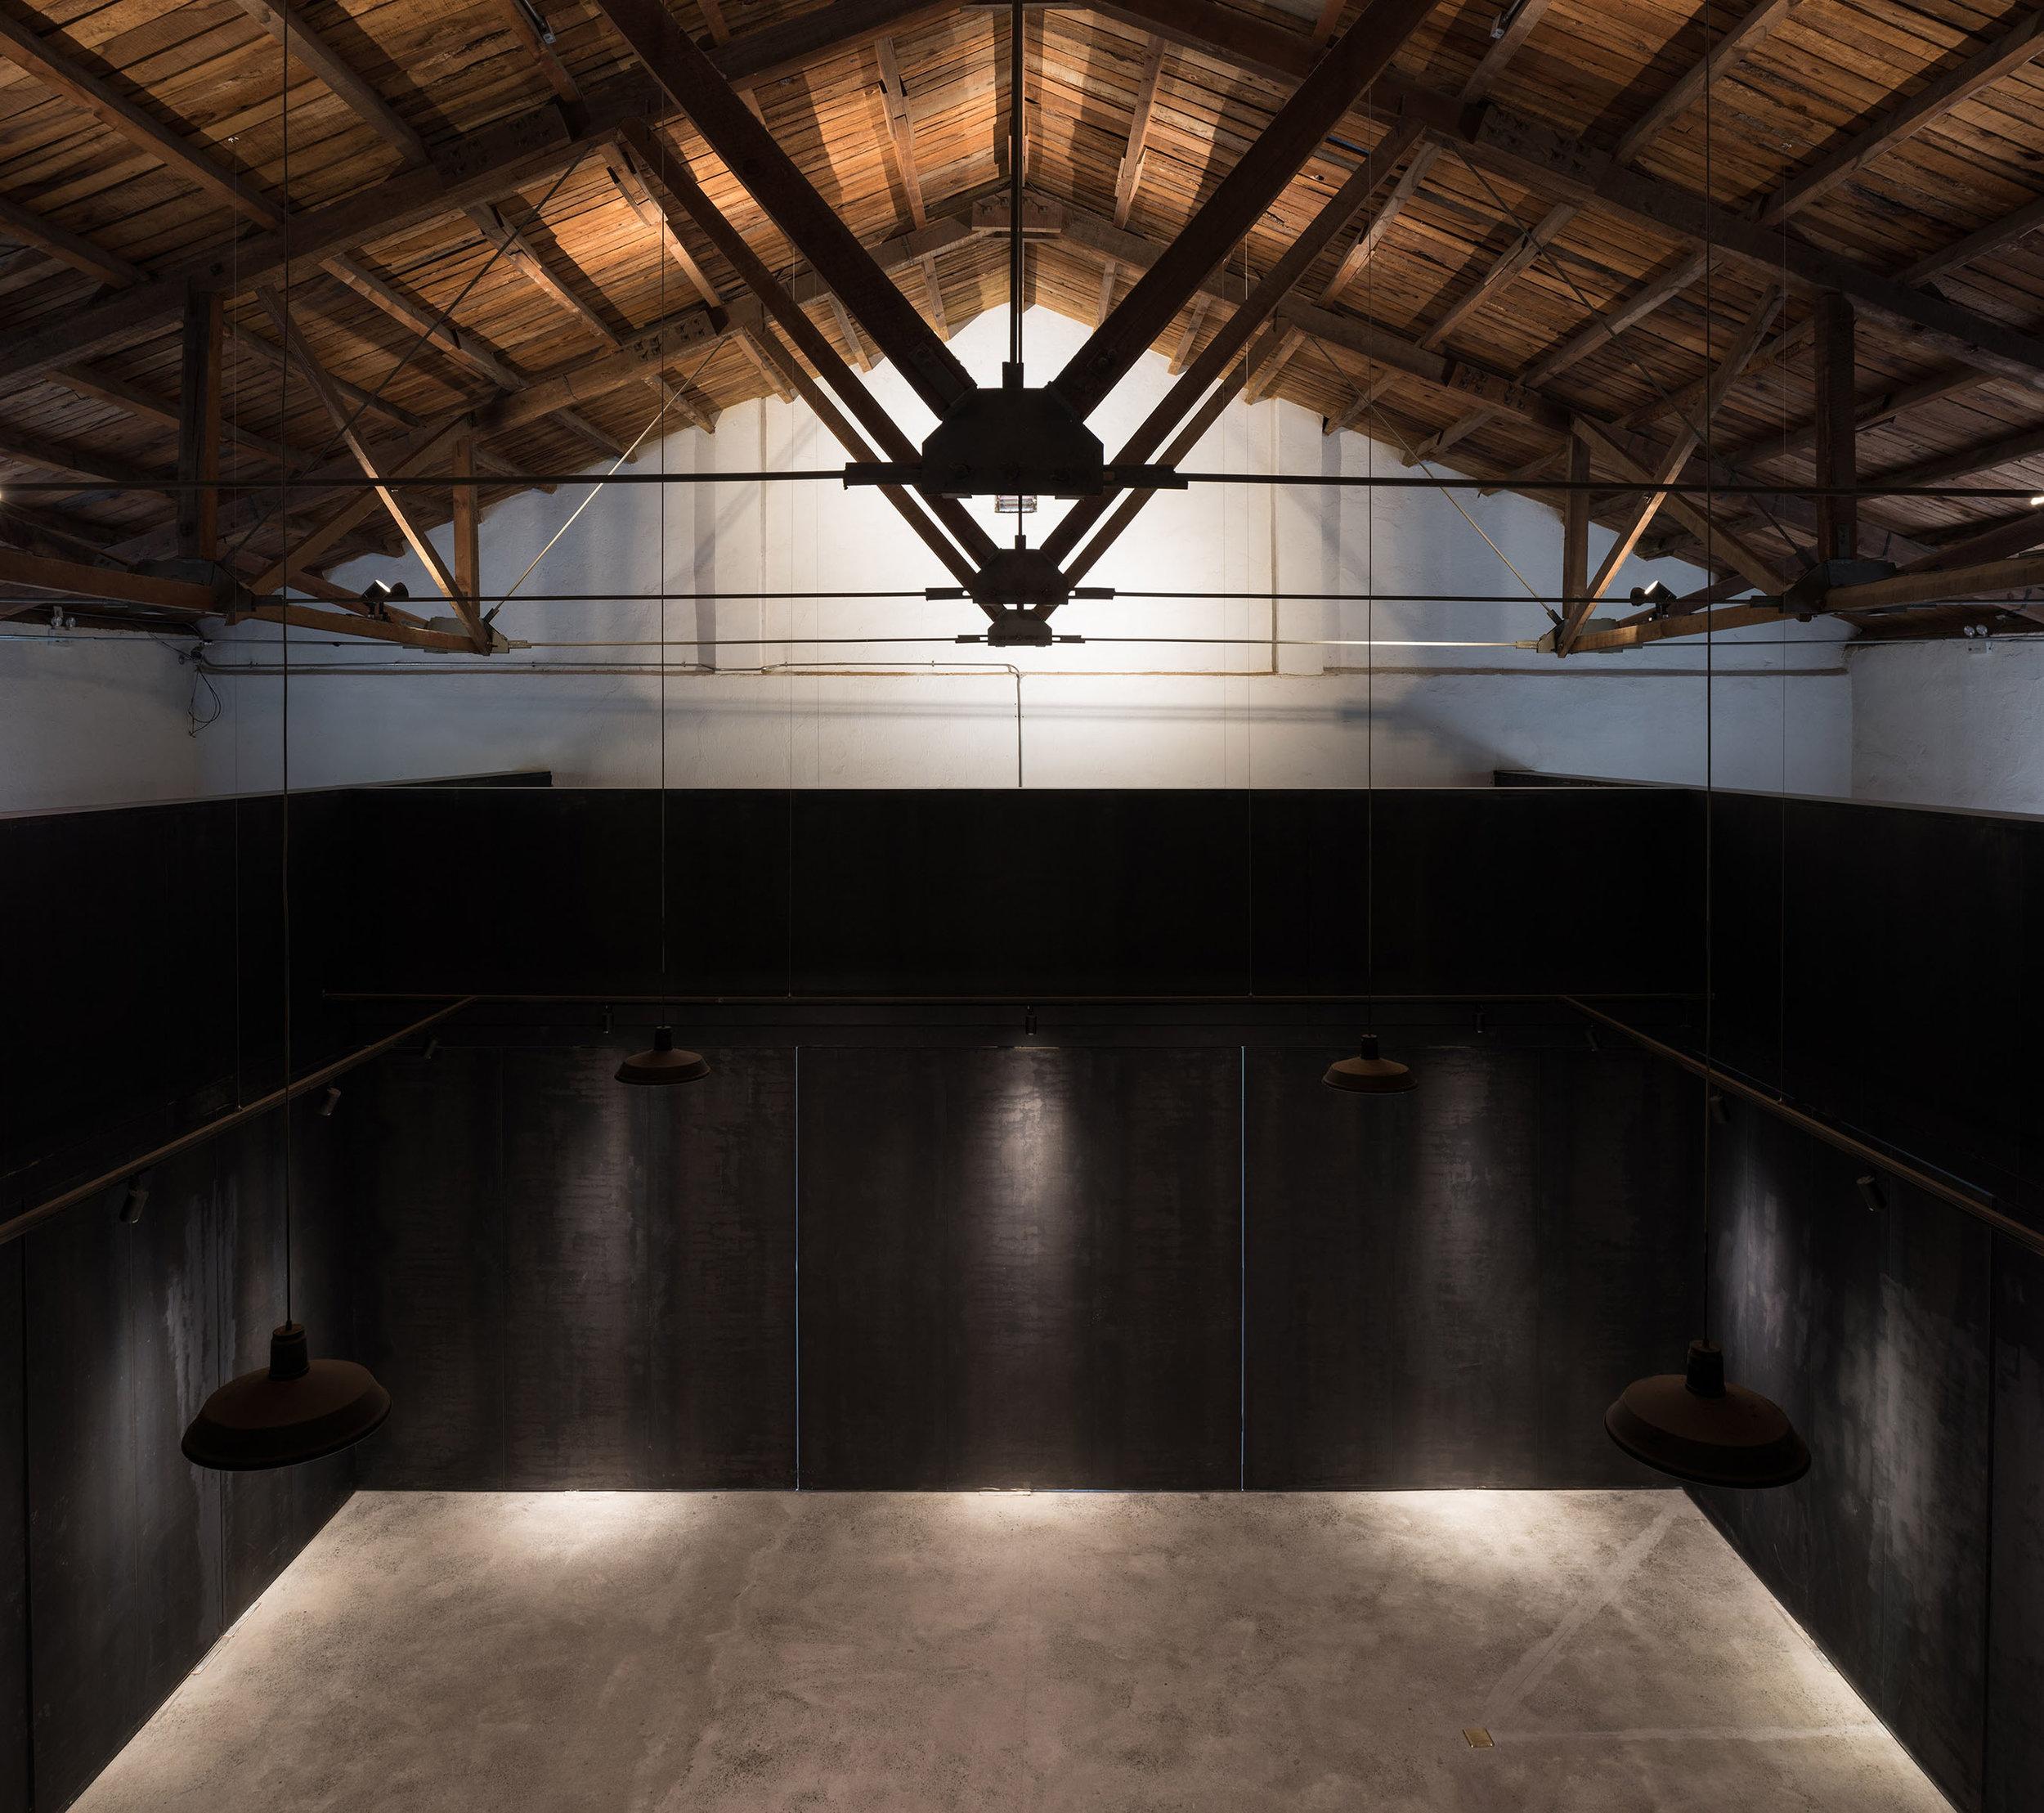 展区(闭合状态) 2 exhibition room (enclosed) 2.jpg